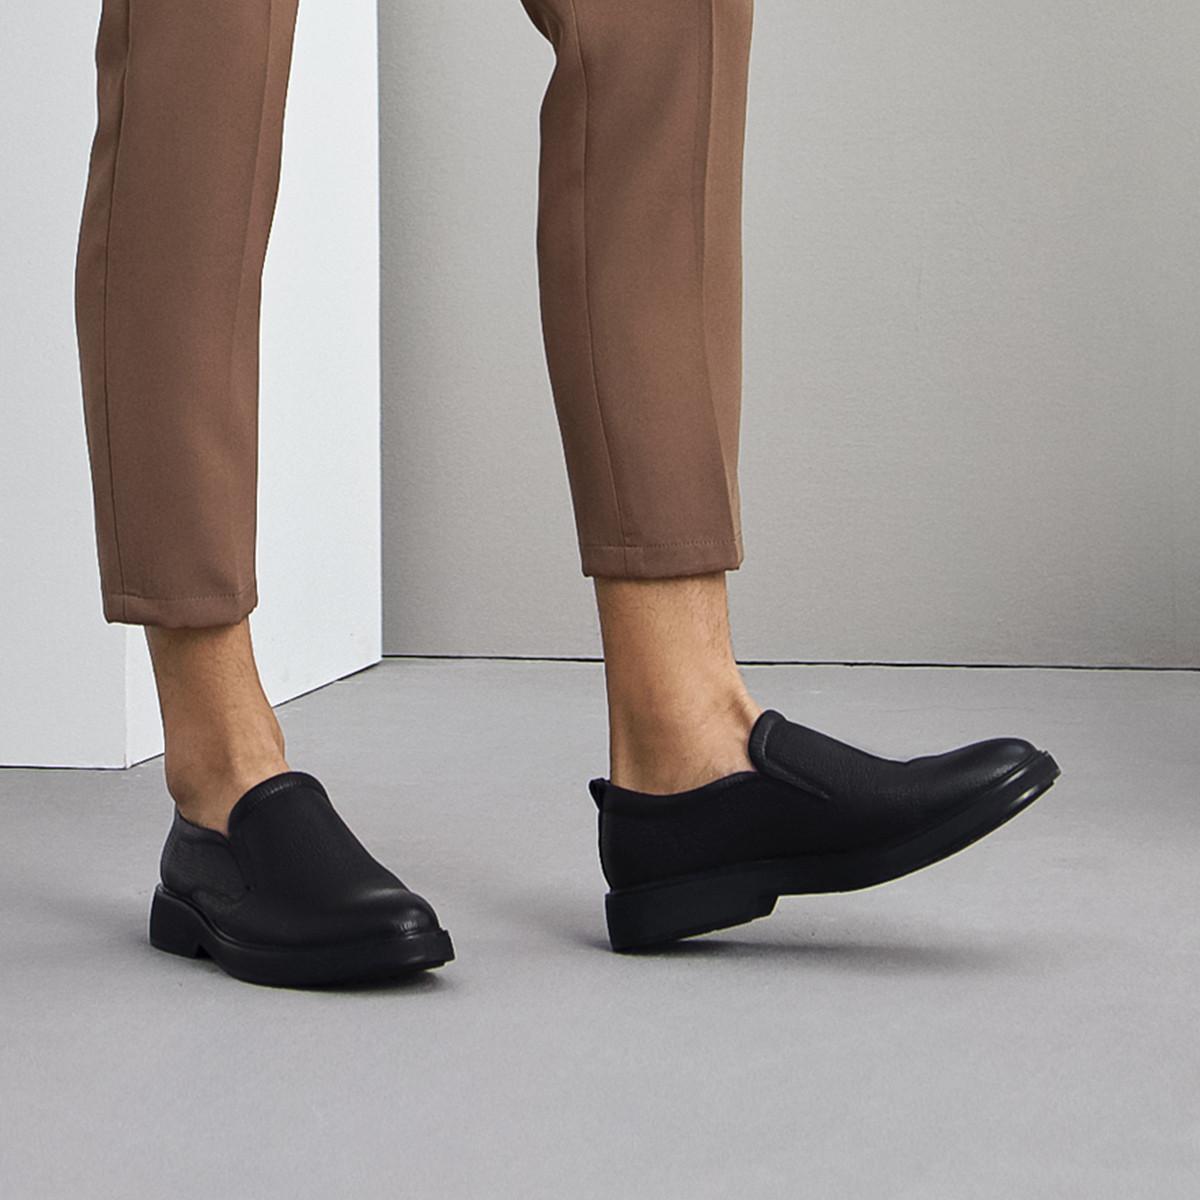 森达森达2019冬季新款专柜同款舒适一脚蹬平底正装男鞋VWD1PC12DU1DM9